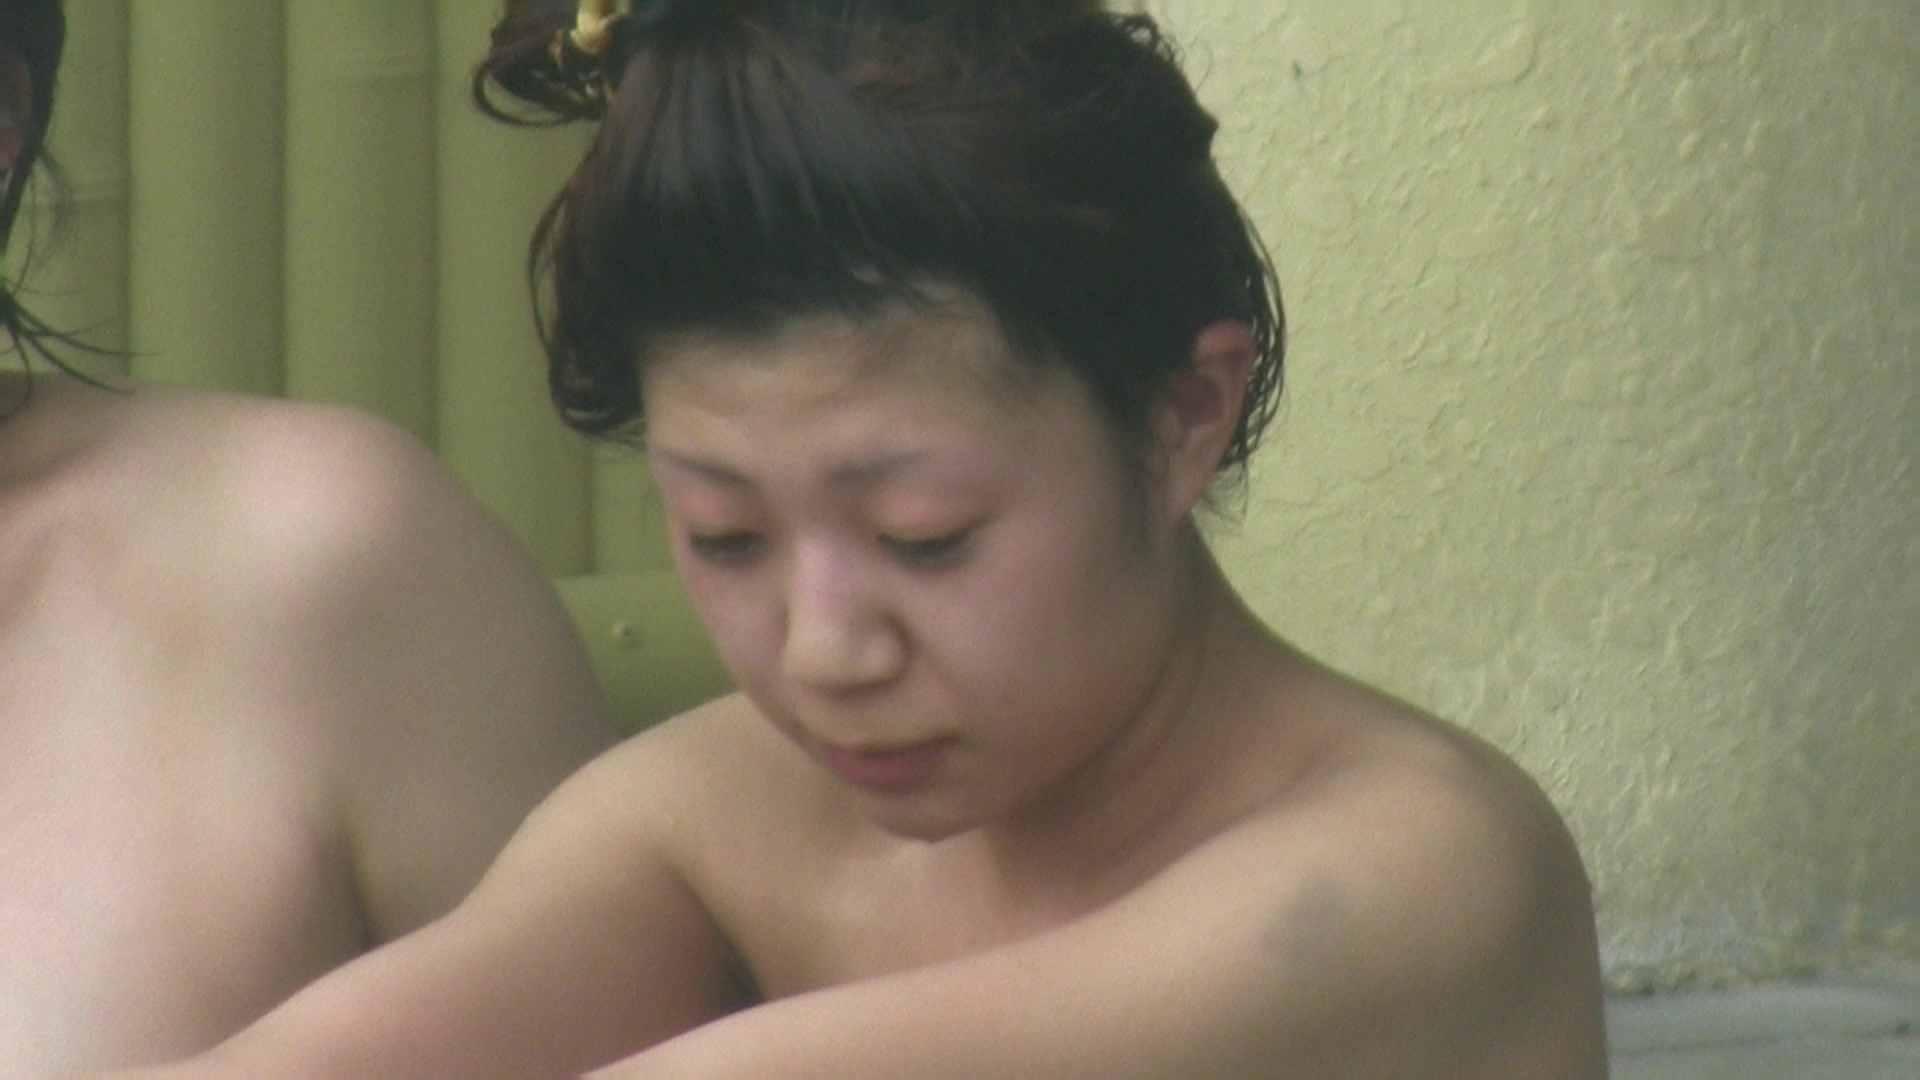 高画質露天女風呂観察 vol.044 乙女 すけべAV動画紹介 100連発 52